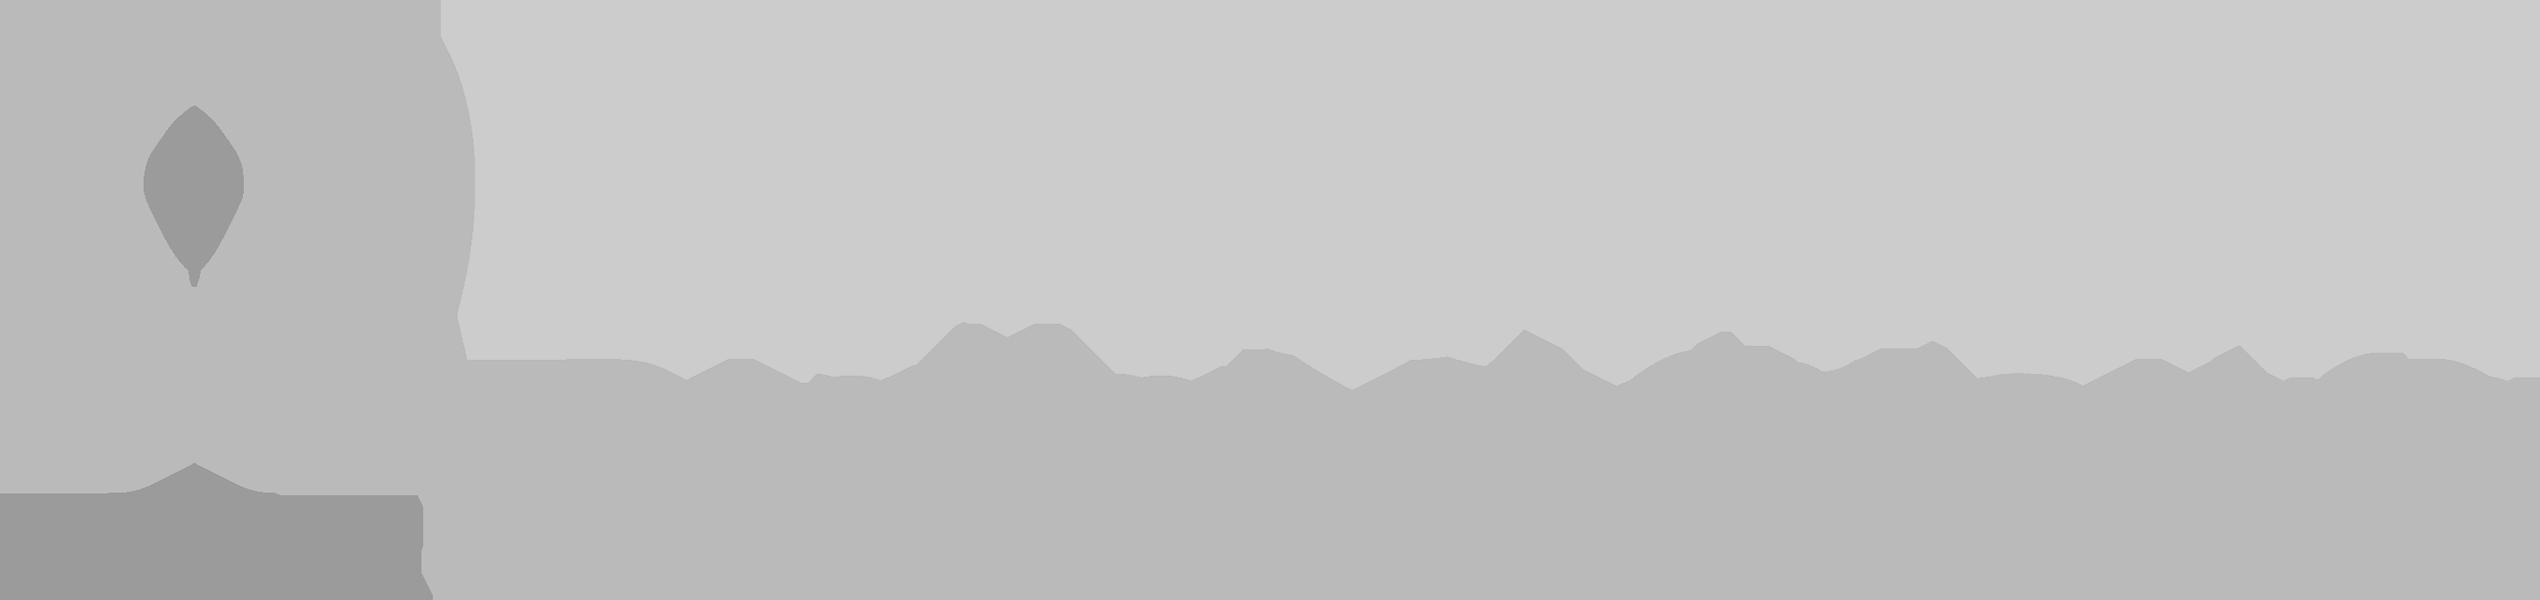 Launch Digital Marketing